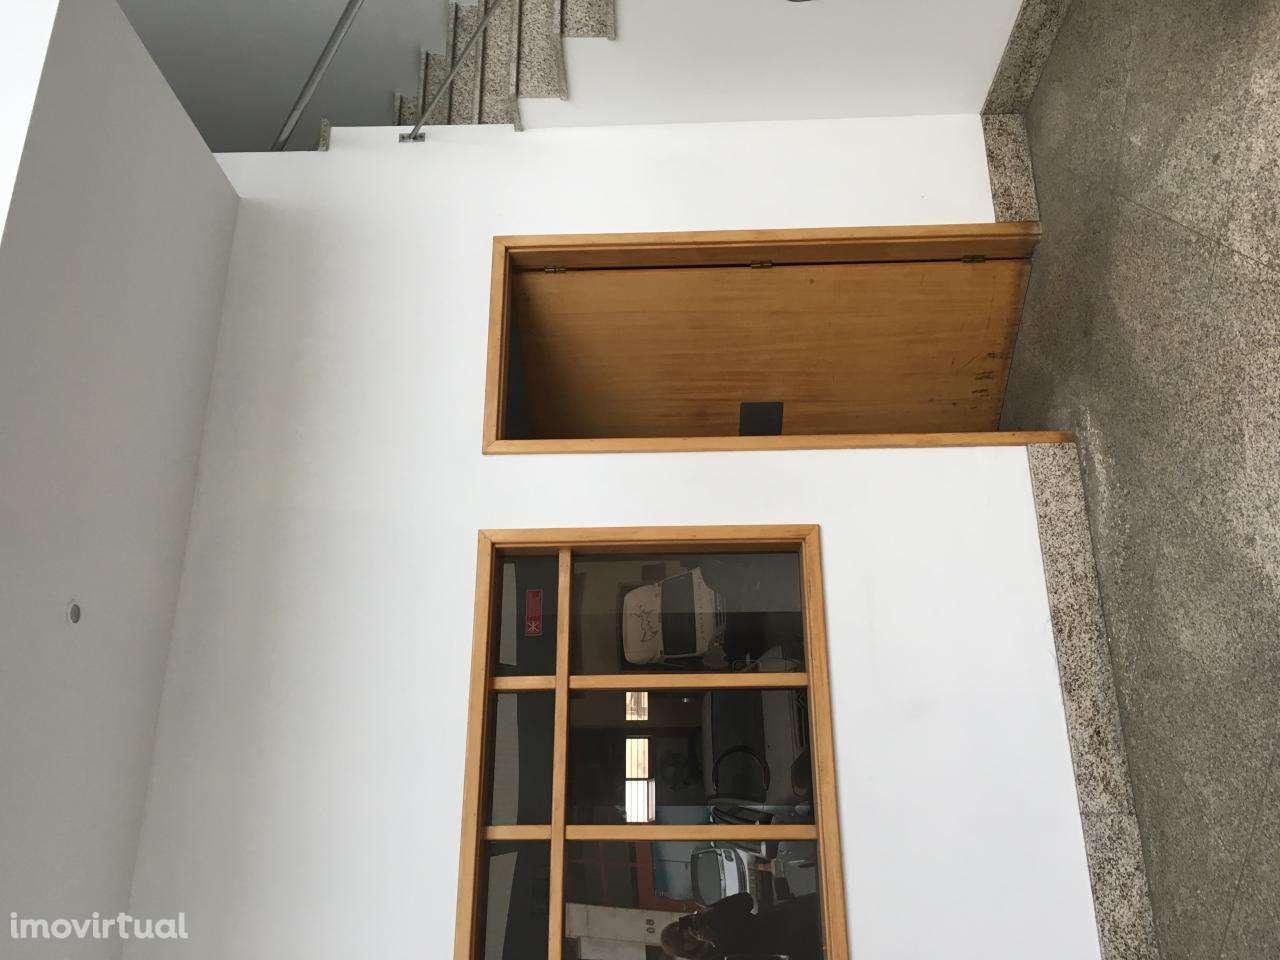 Armazém para arrendar, Moreira, Maia, Porto - Foto 14